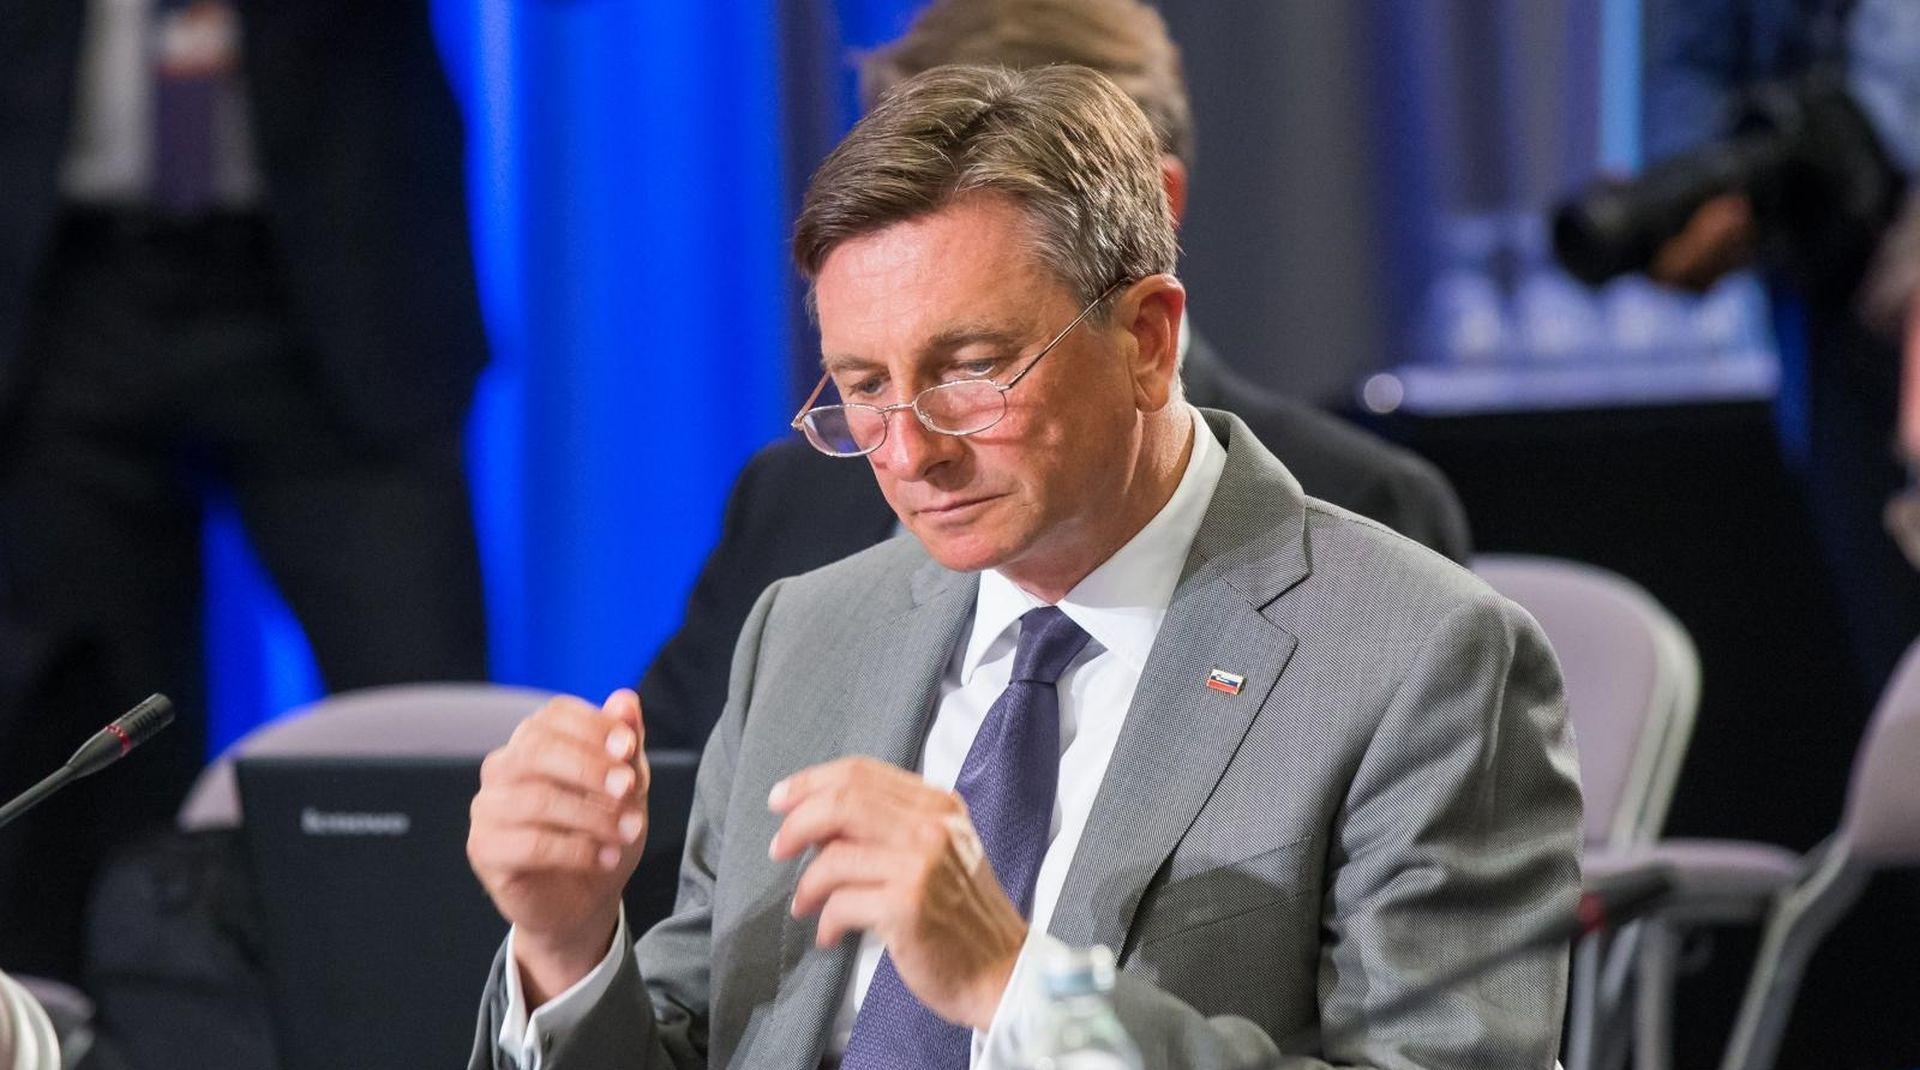 """Pahor kritizira EK: """"Mišljenje nisu uzeli u obzir iz političkih razloga"""""""